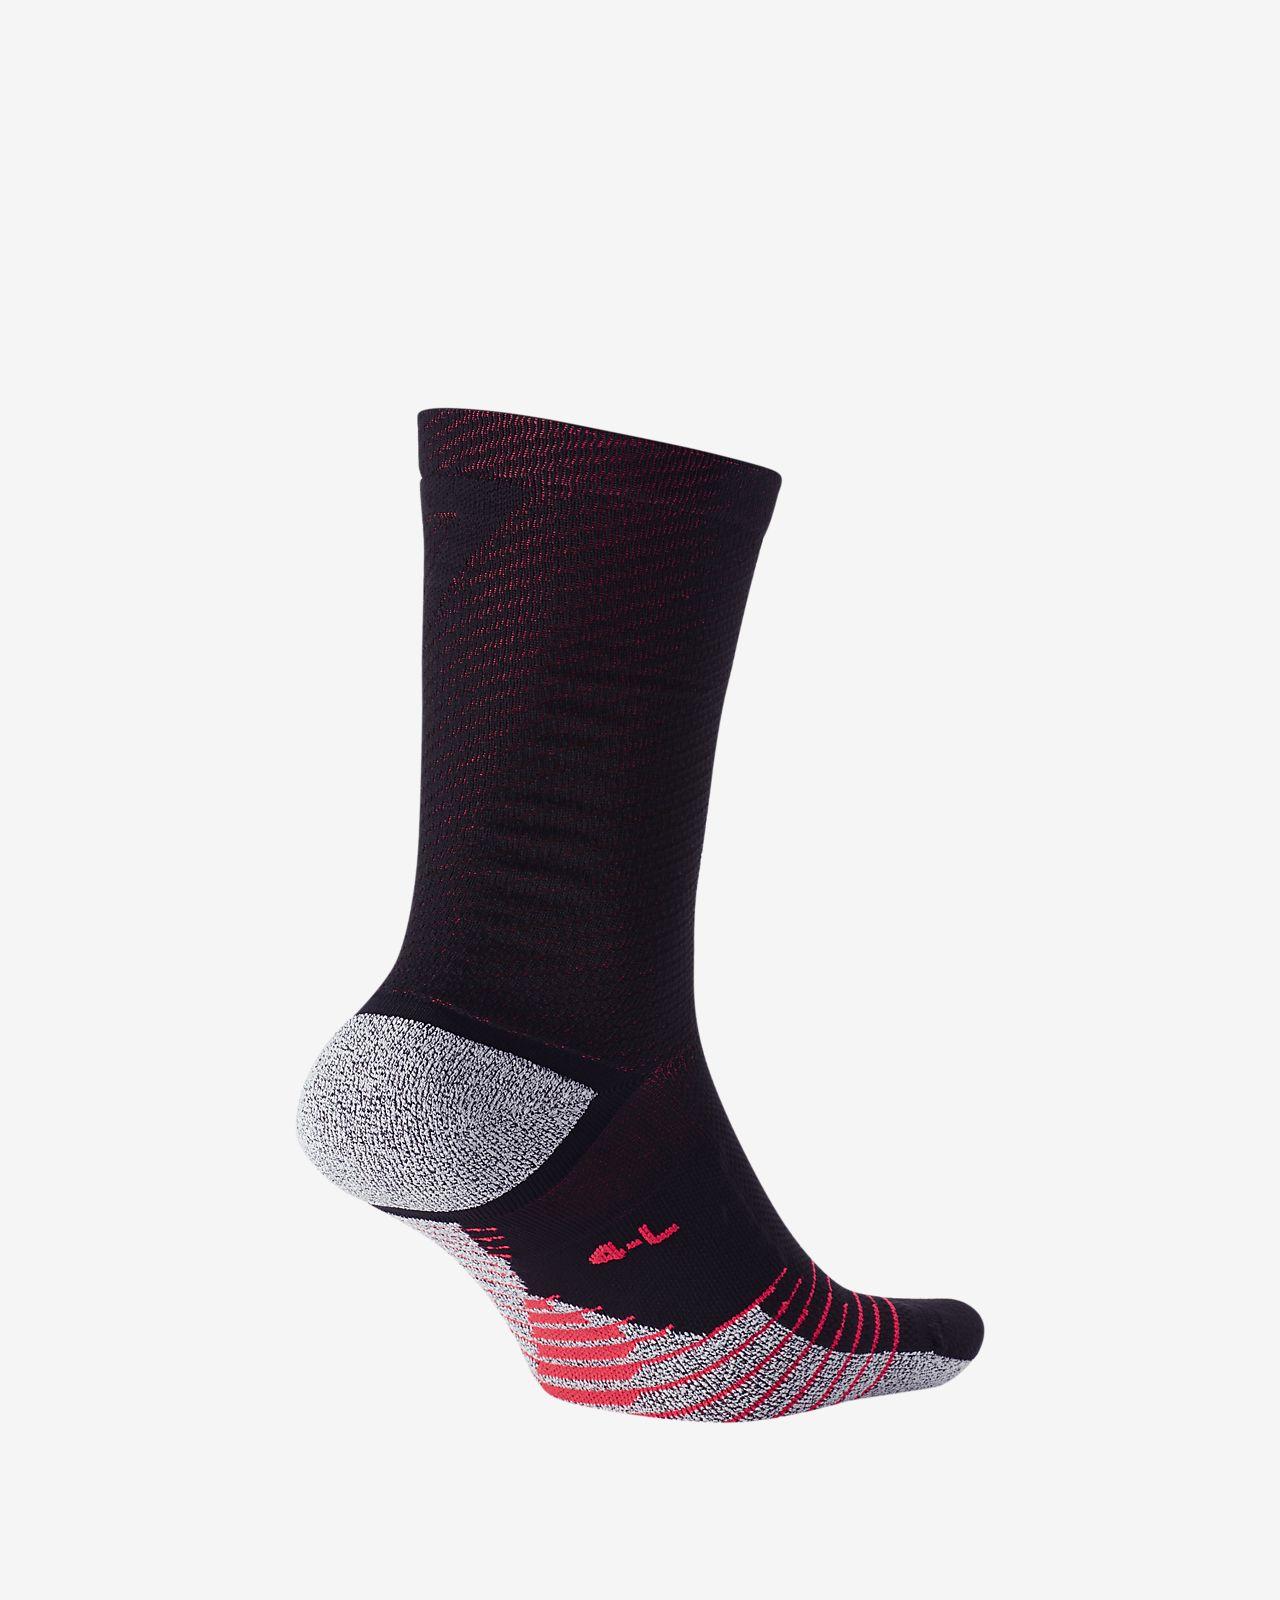 Футбольные носки до середины голени с графикой NikeGrip CR7